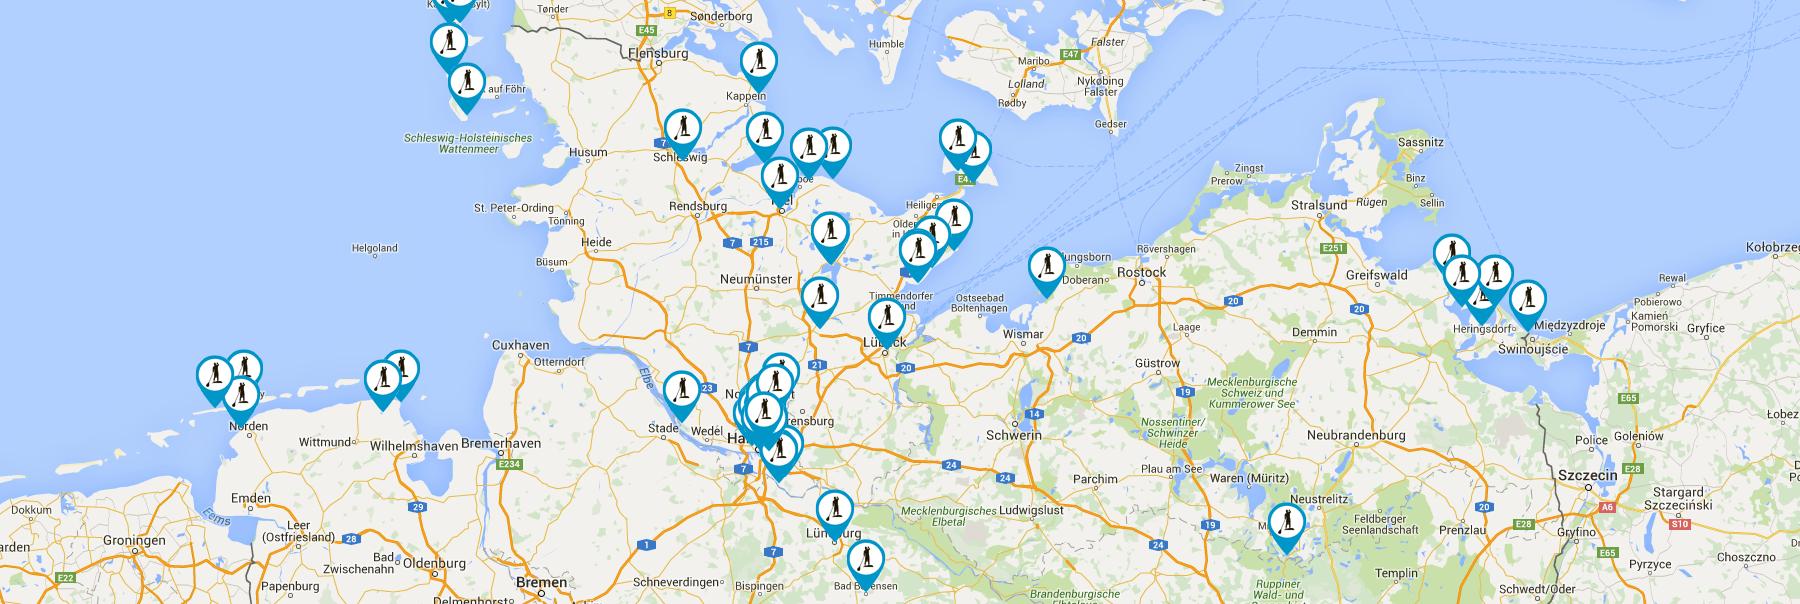 sup-karte-norddeutschland